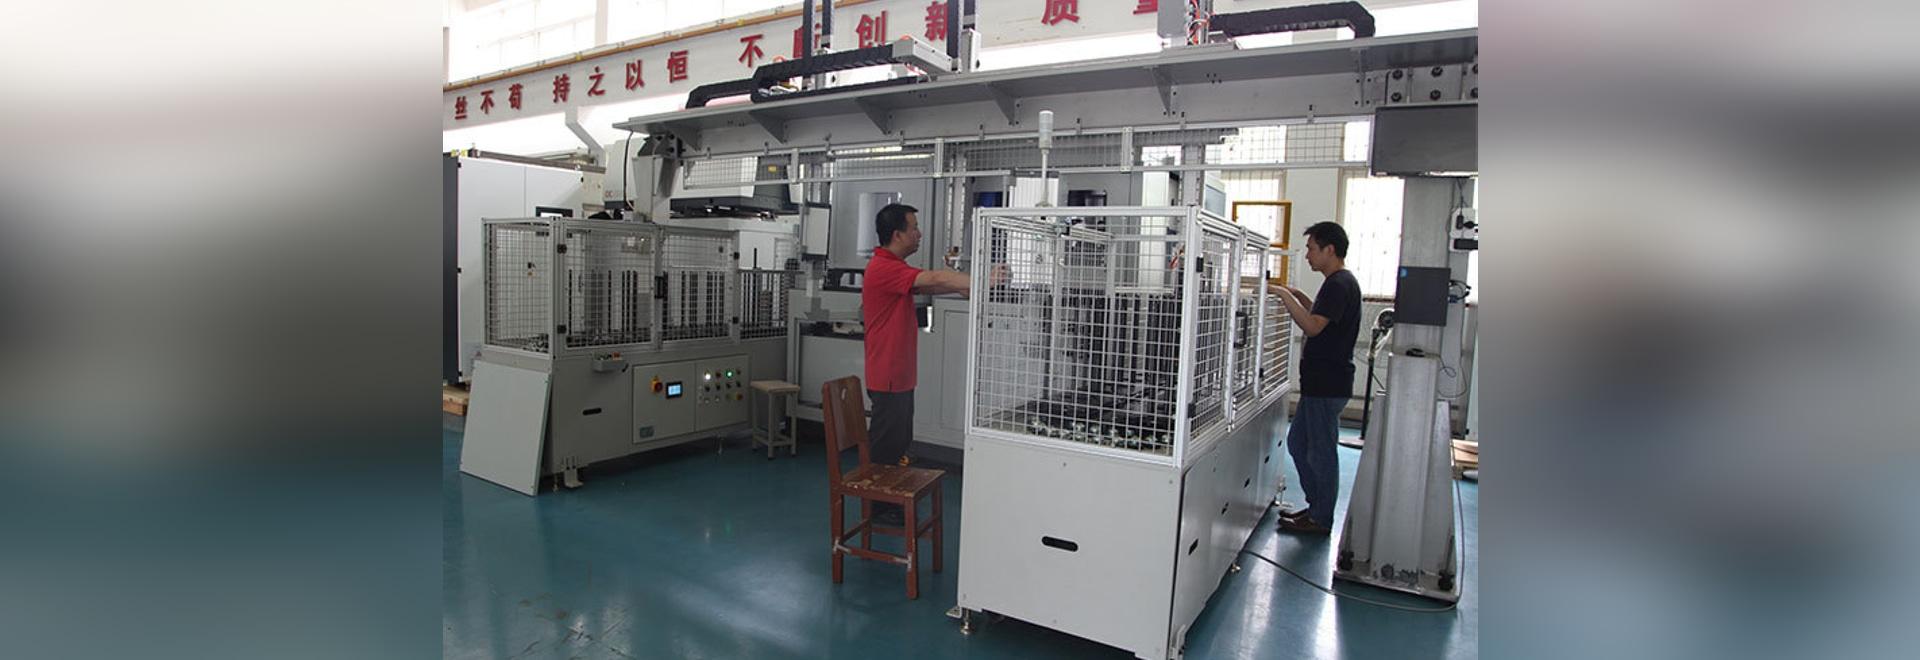 El equipo de soldadura automático de laser del engranaje de HANS GS-HC03 entregó suavemente